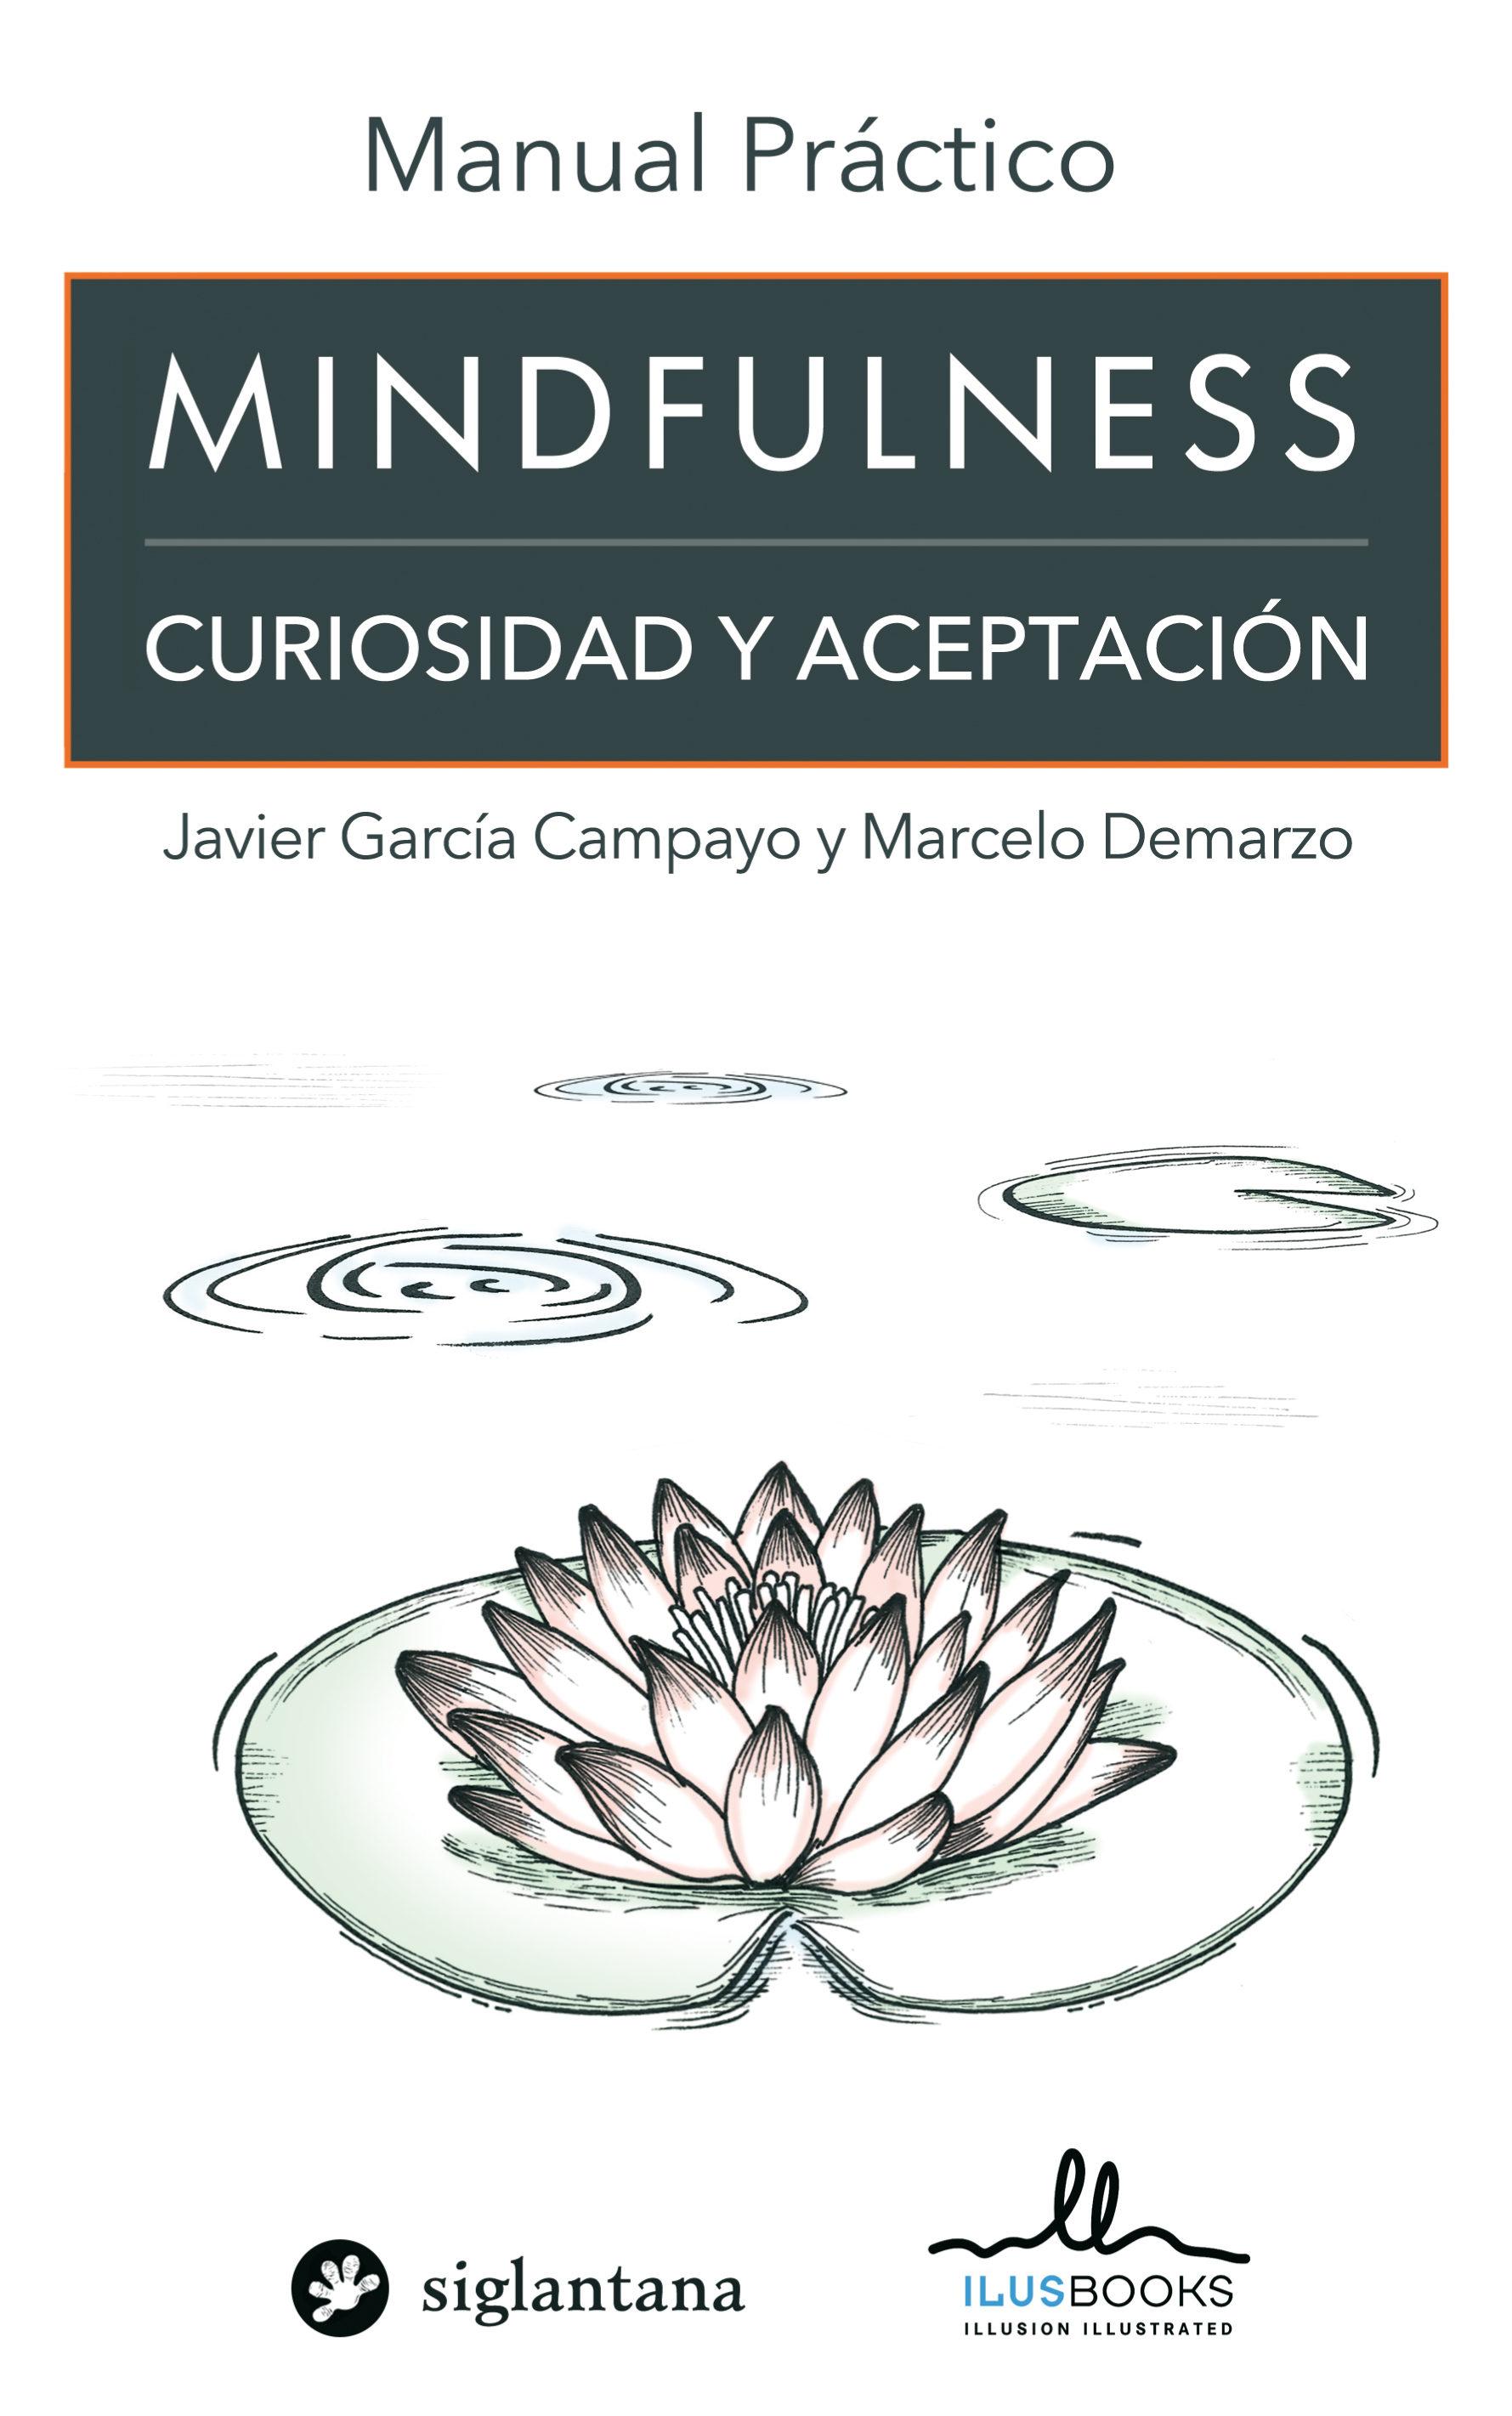 mindfulness: curiosidad y aceptacion-javier garcia-campayo-9788415227922